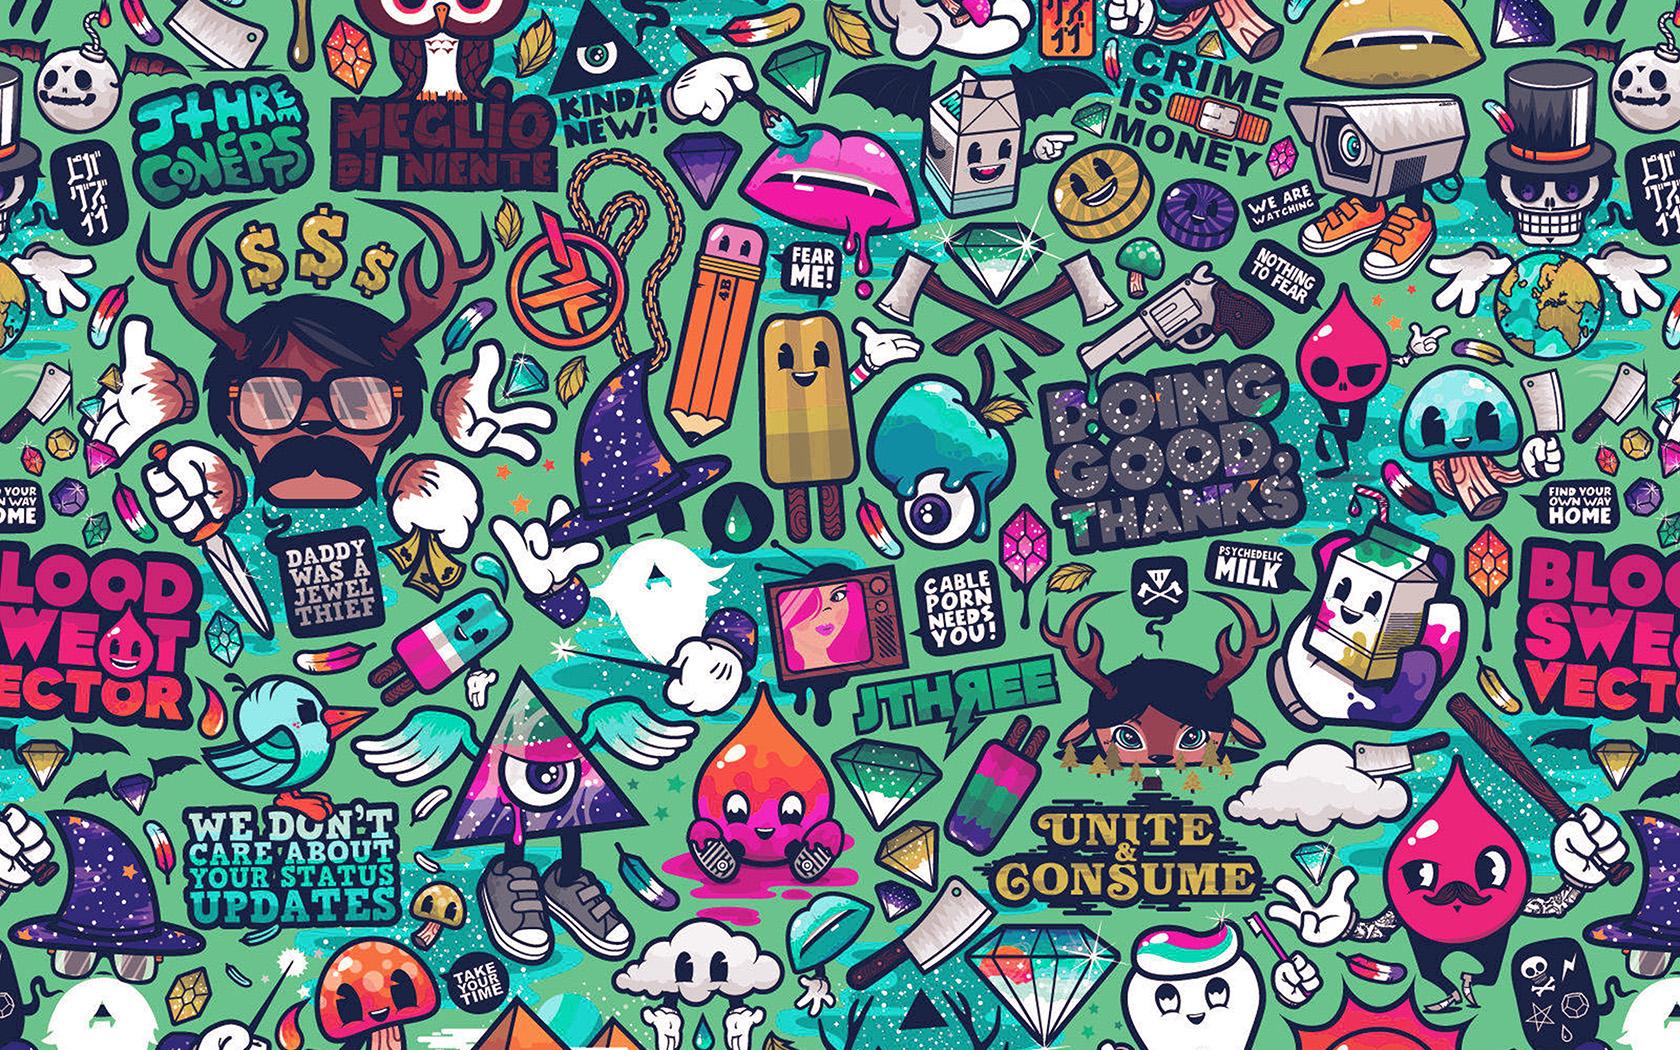 Aq62 Art Work Pattern Illustration Graffiti Green Wallpaper